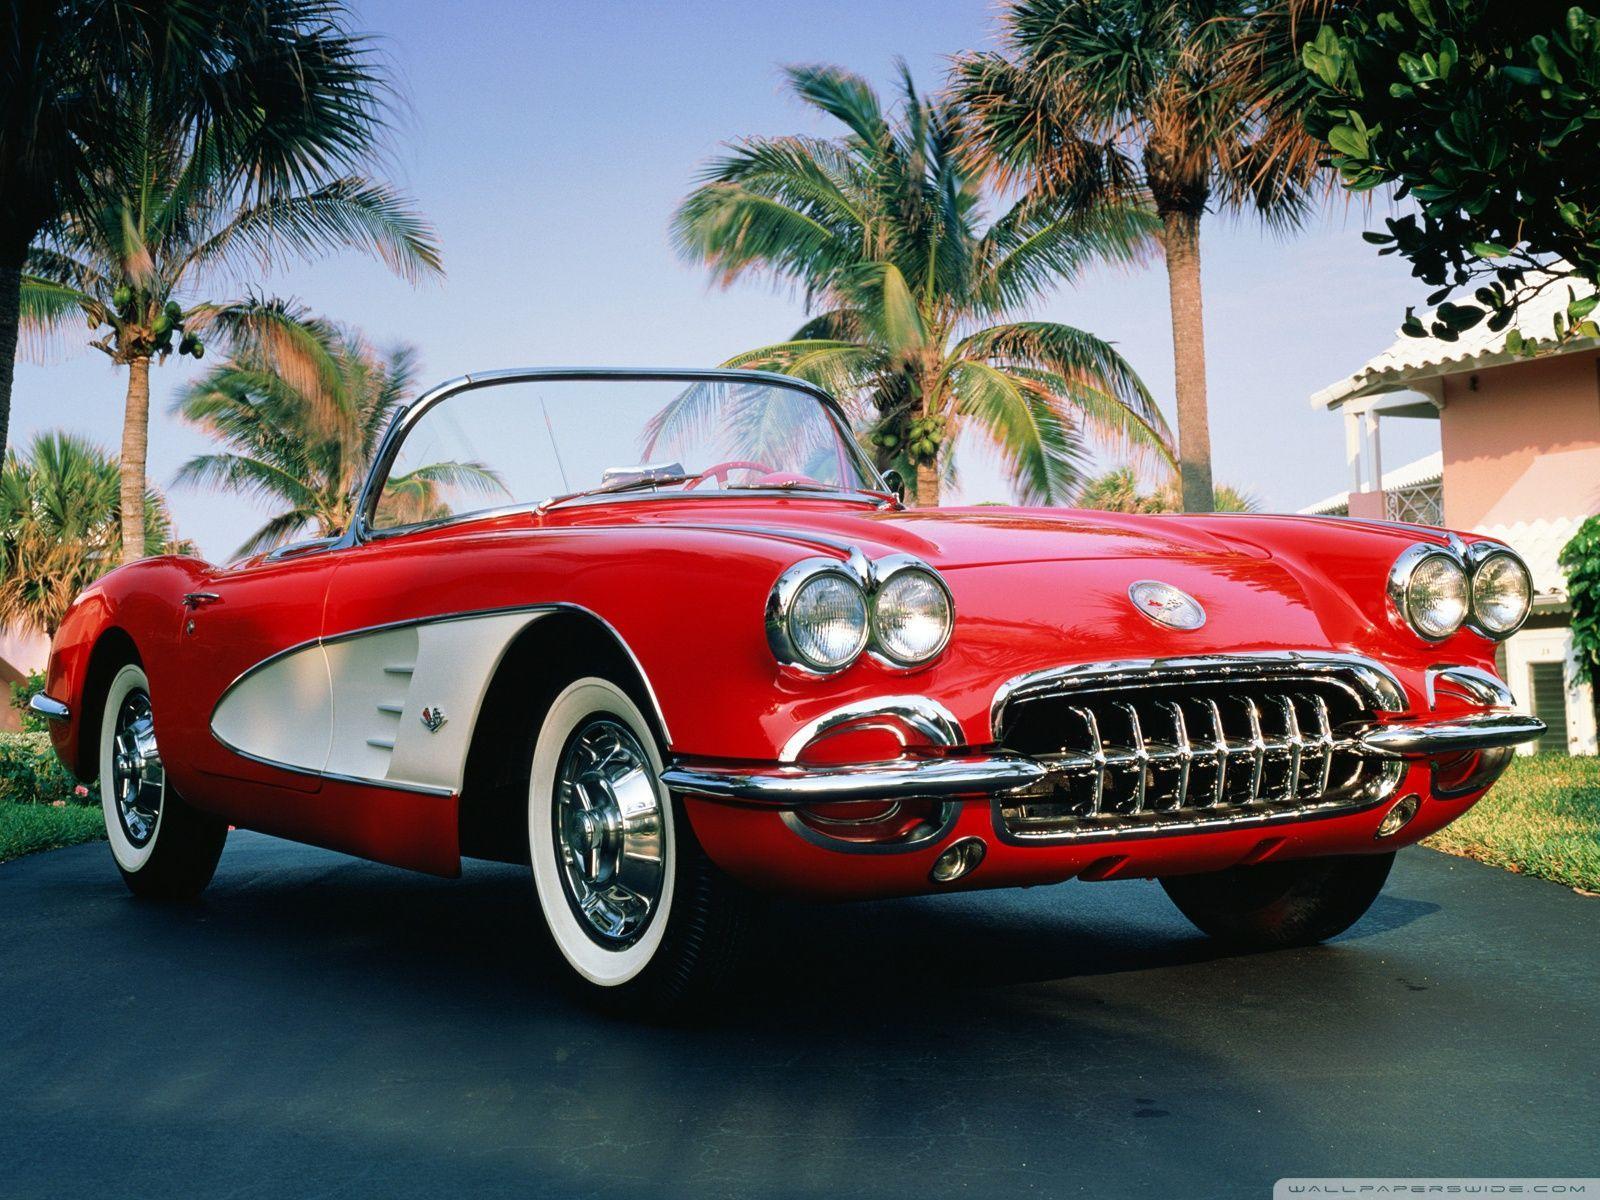 Vintage Corvette Wallpapers - Top Free Vintage Corvette Backgrounds -  WallpaperAccess